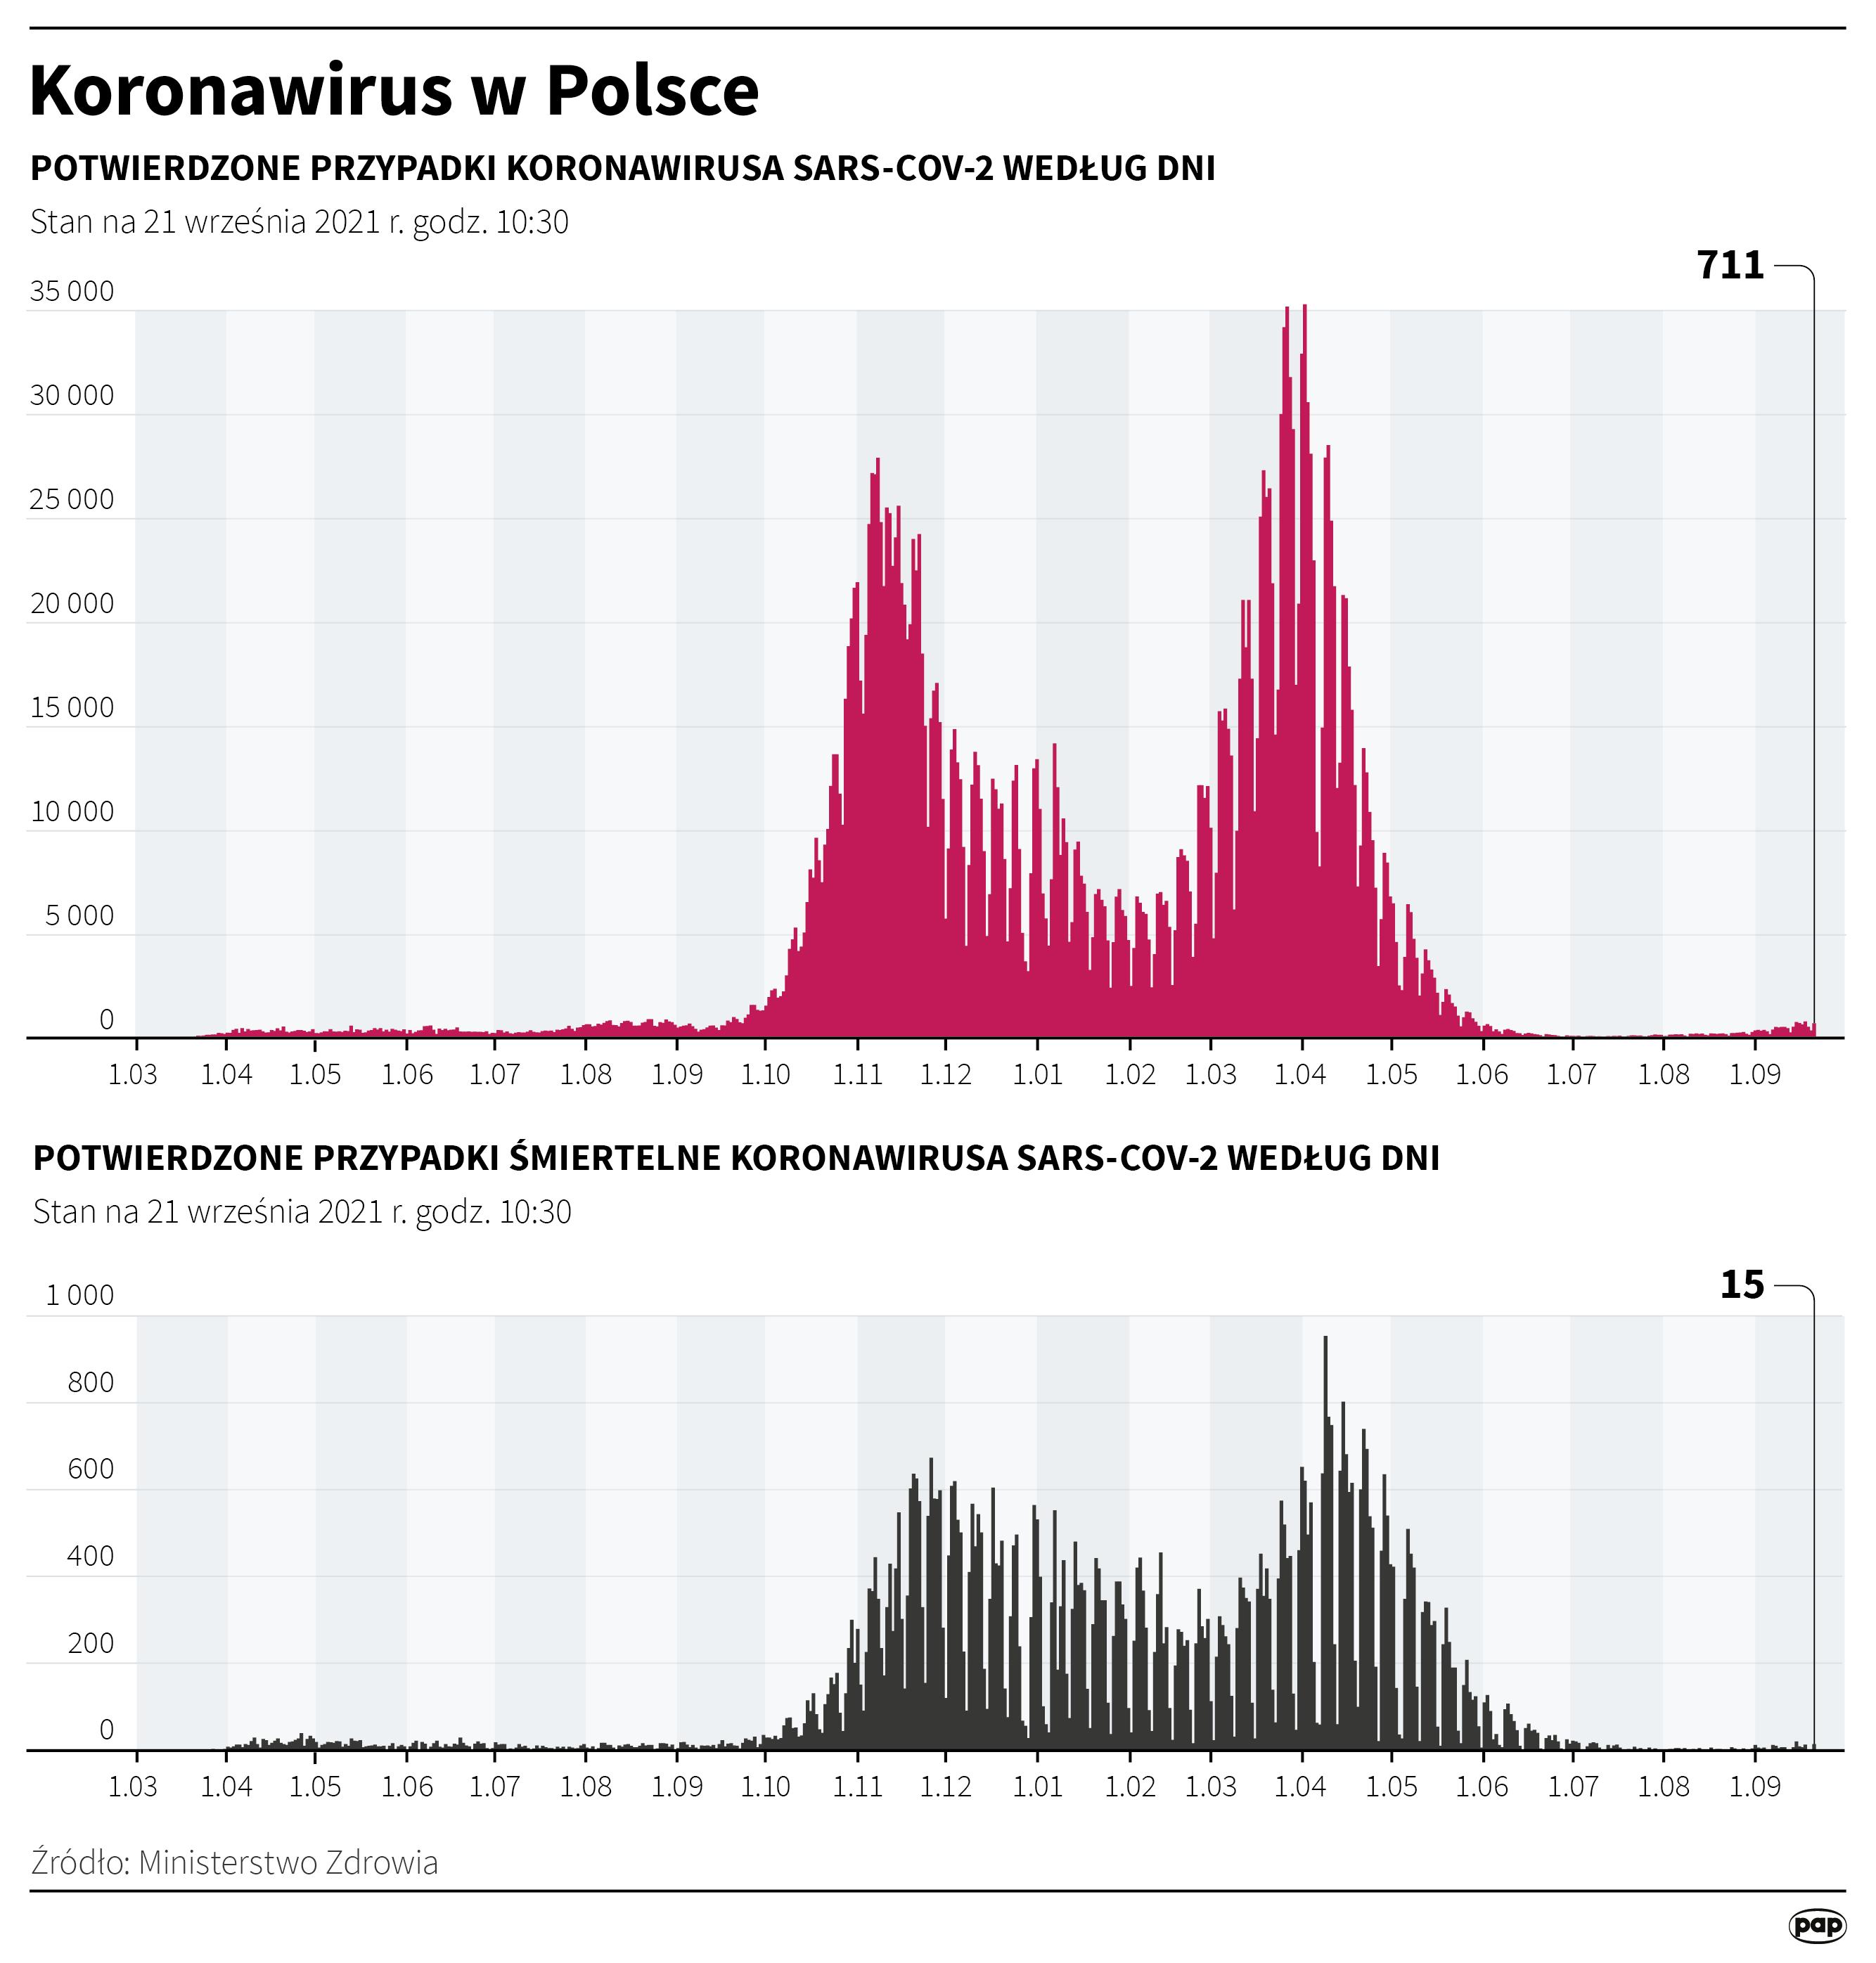 Koronawirus w Polsce - stan na 21 września [Autor: Maciej Zieliński, źródło: PAP]